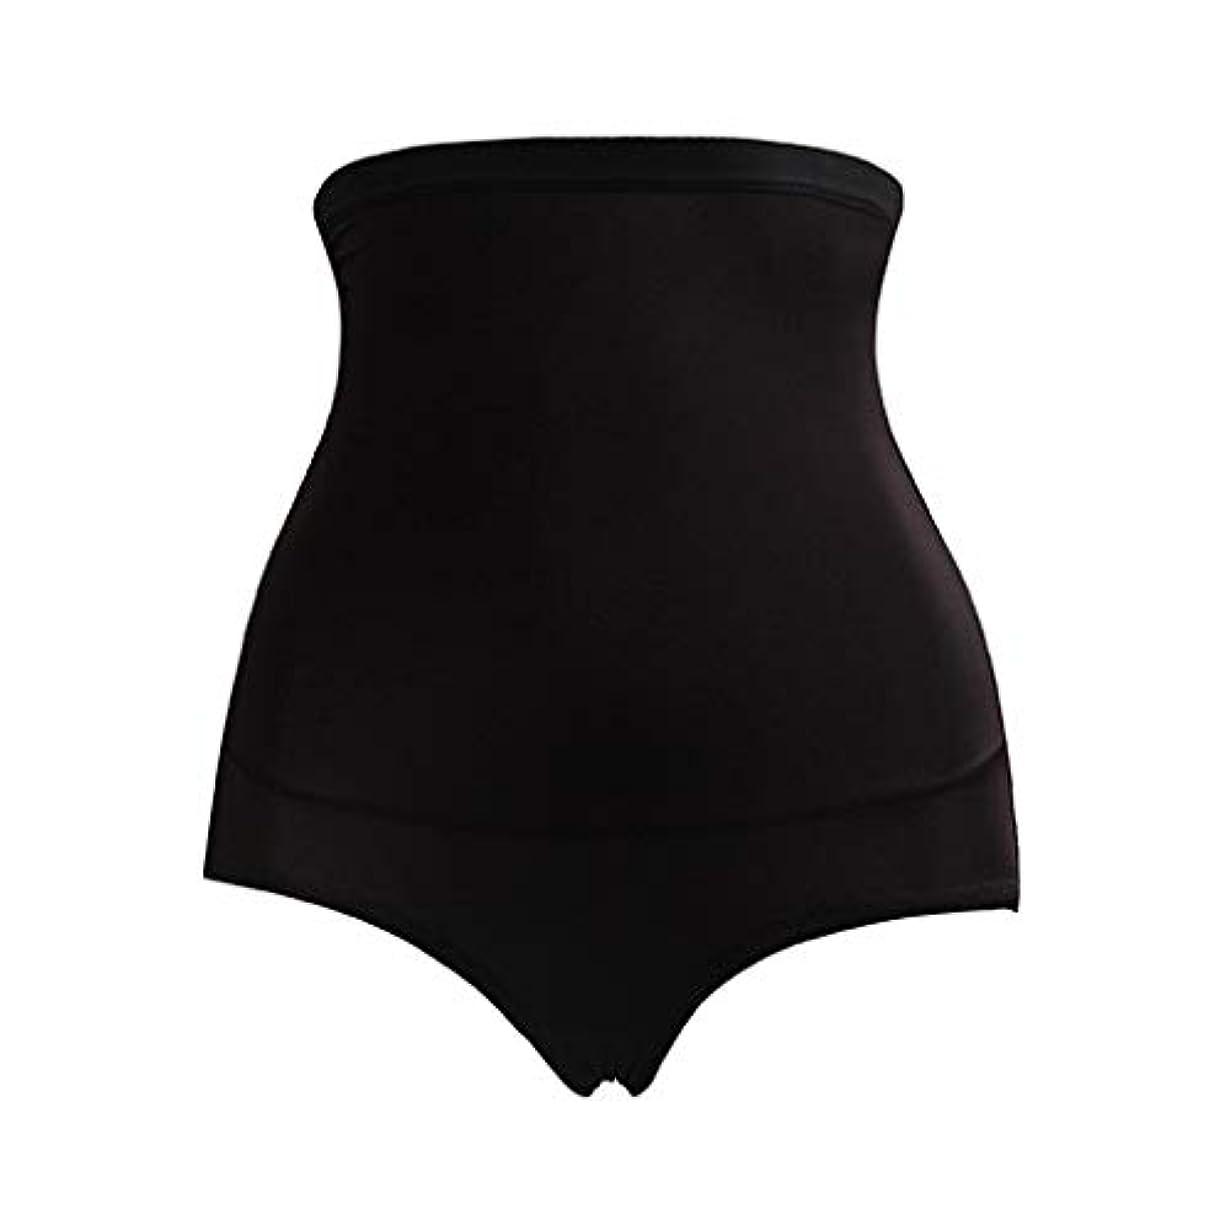 ゆるく浮浪者ランクHAPFLY ハイウエストの産後腹部の下着 腹のズボン 薄いセクション通気性 ない痕跡 胃のリフトヒップ ボディシェイプボディ 女性のボディシェイプパンツ